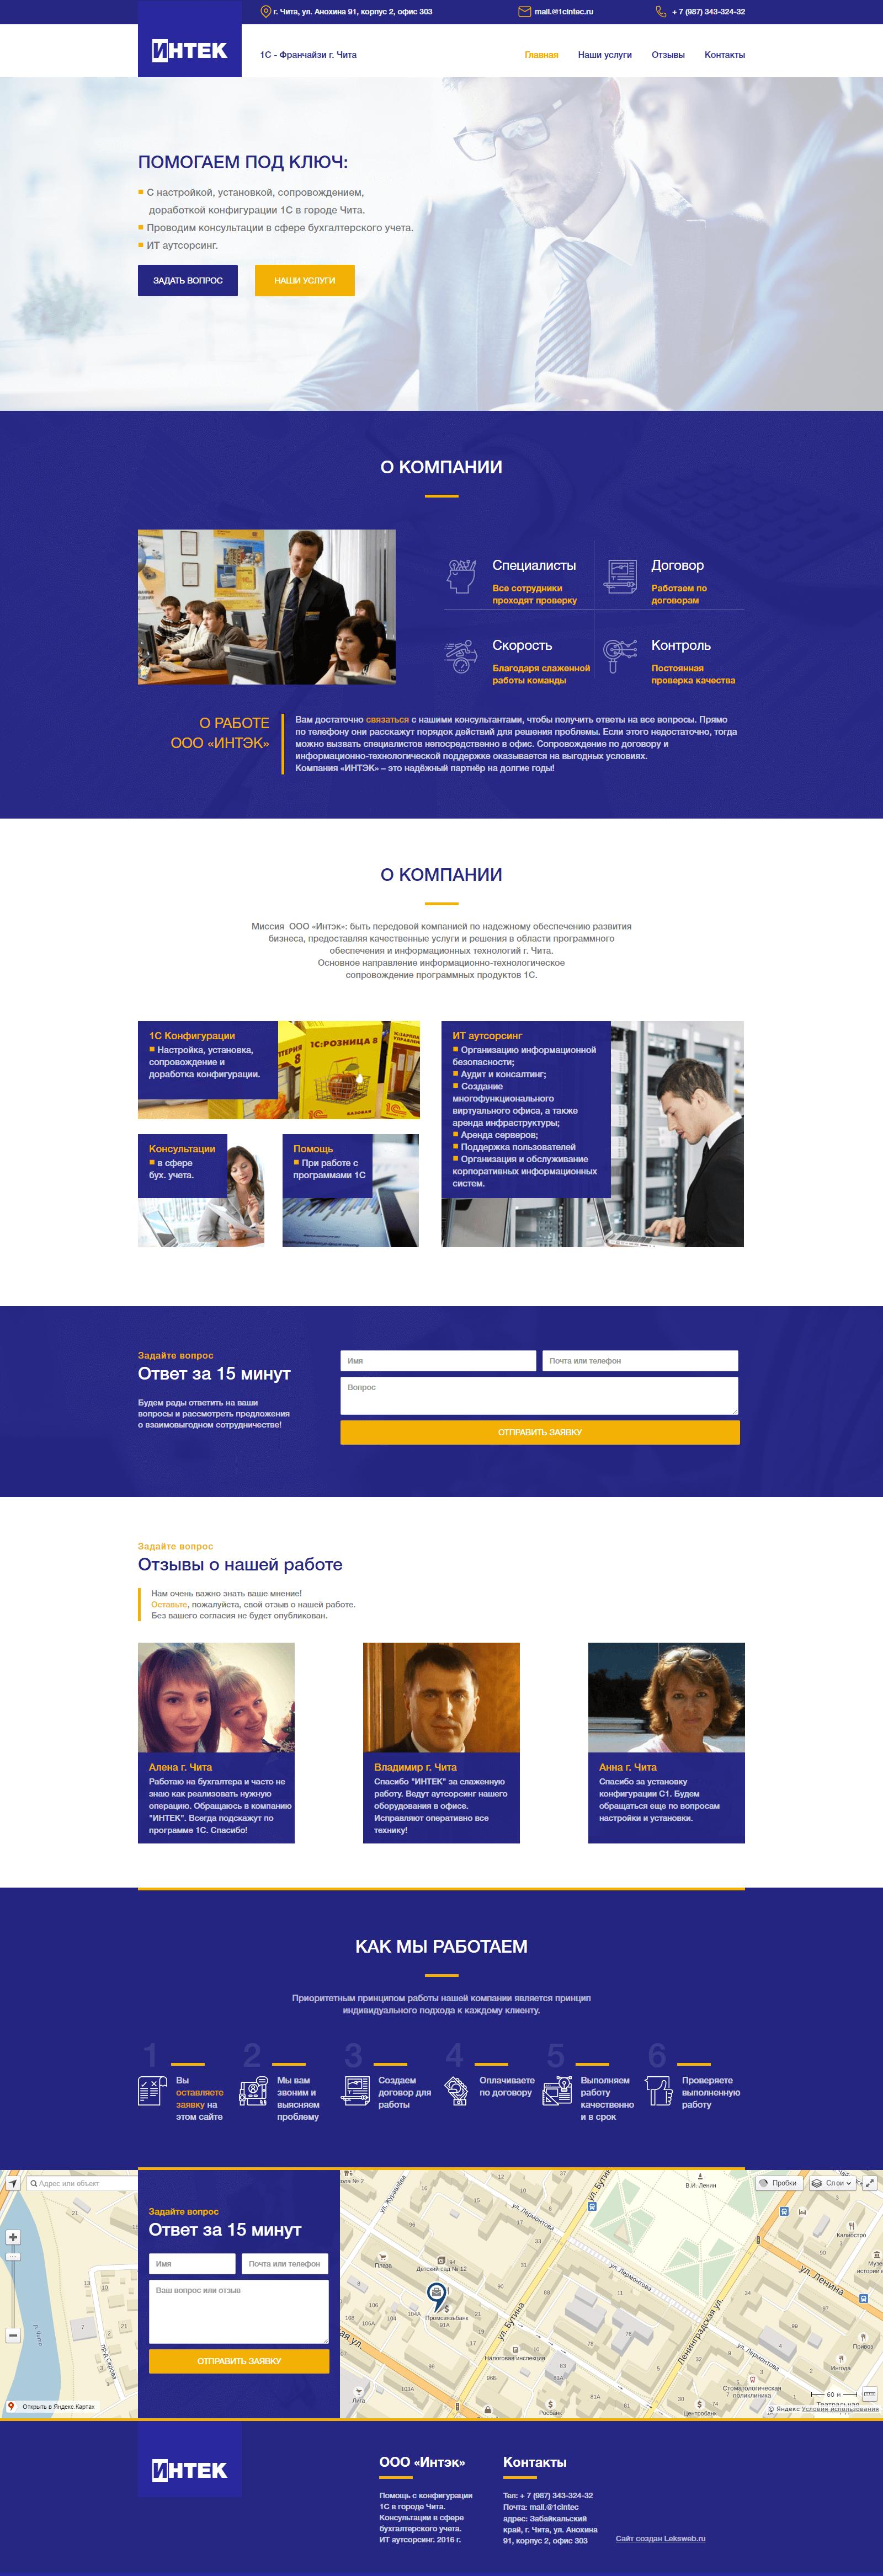 2016 год. ИНТЕК 1С. landing page под ключ + Адаптивность (Планшет, телефон, широкоформатный монитор)